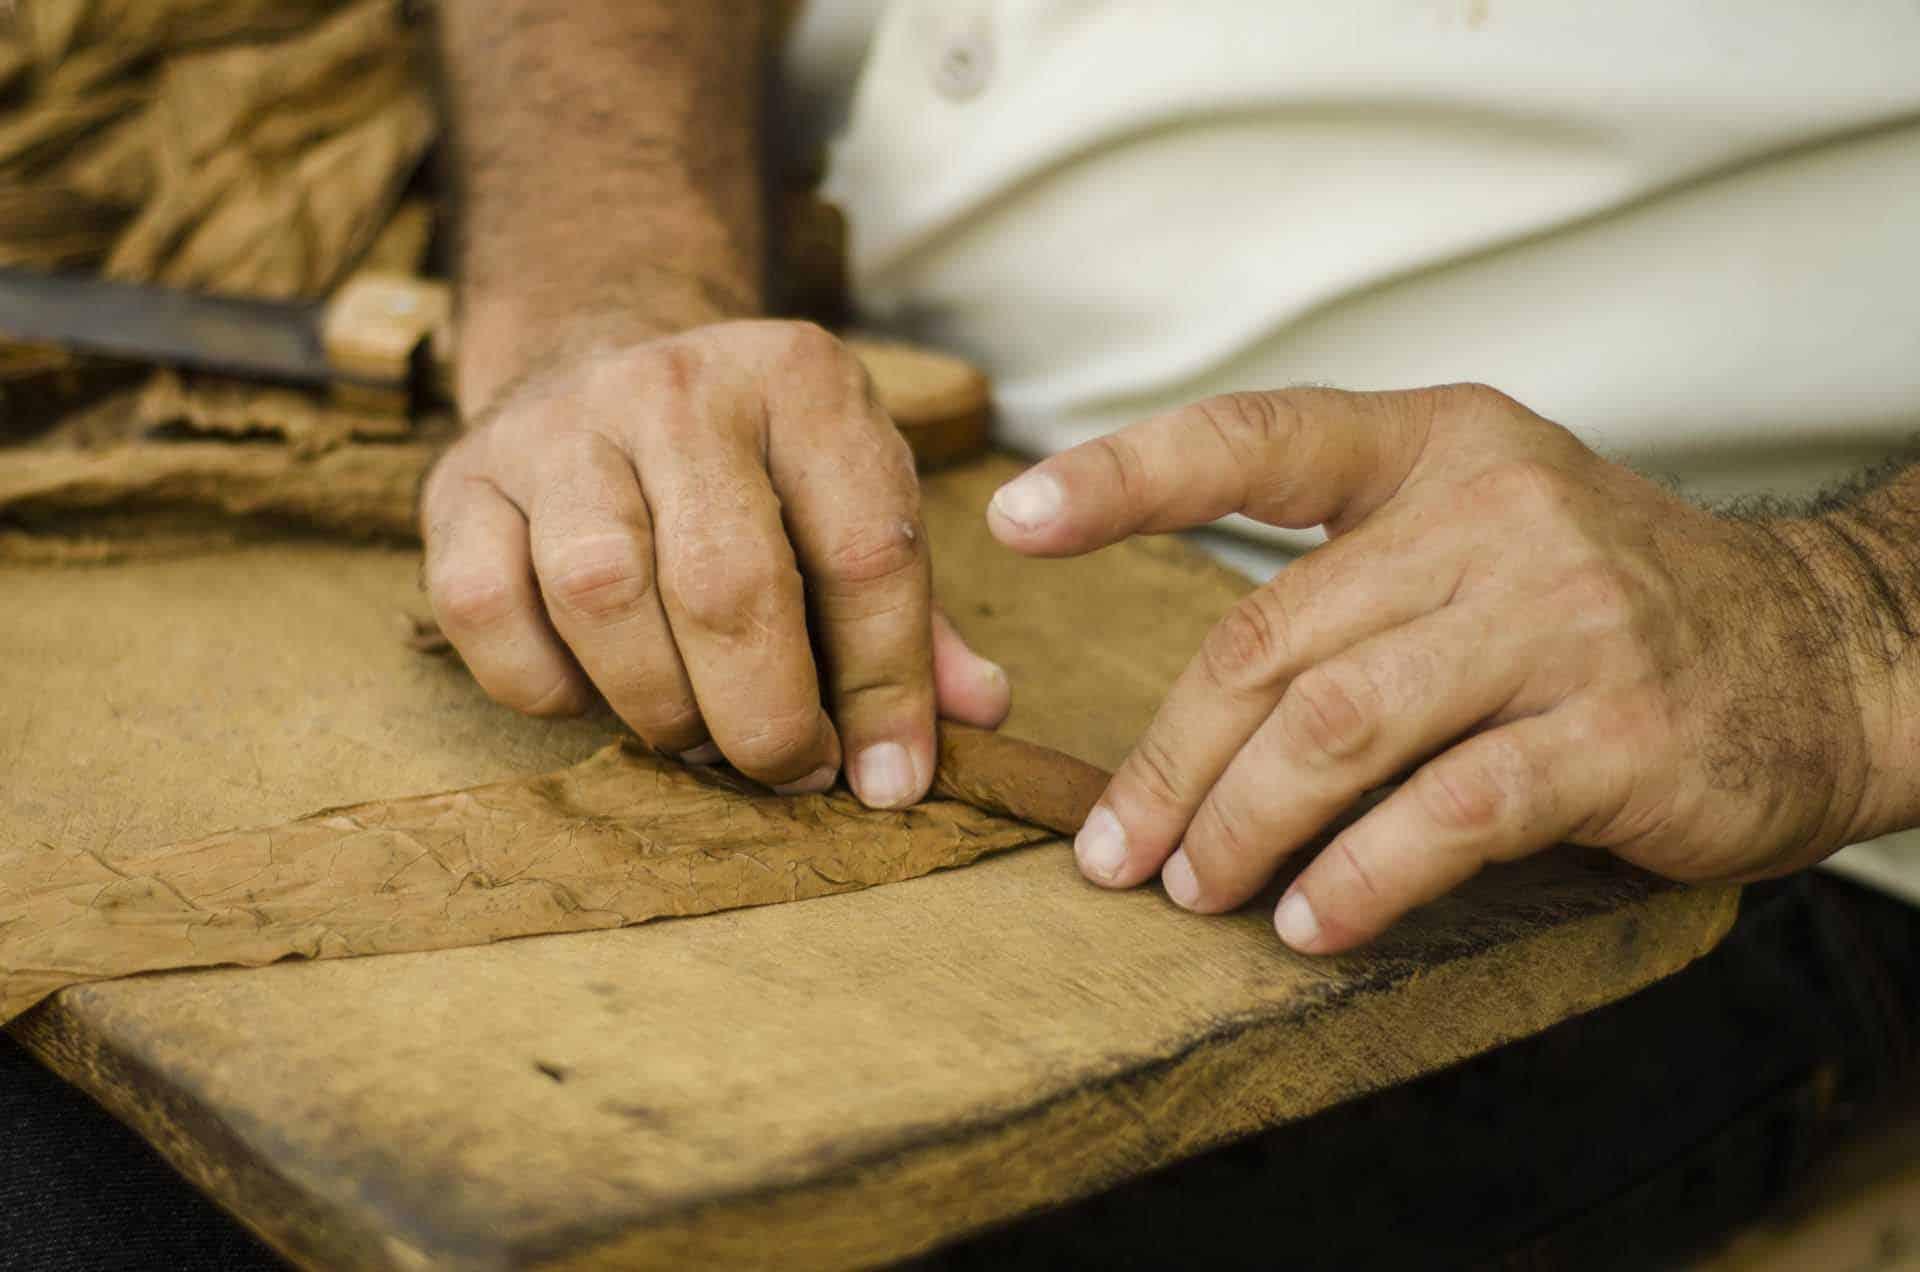 vinales fabrication de cigares cuba autrement